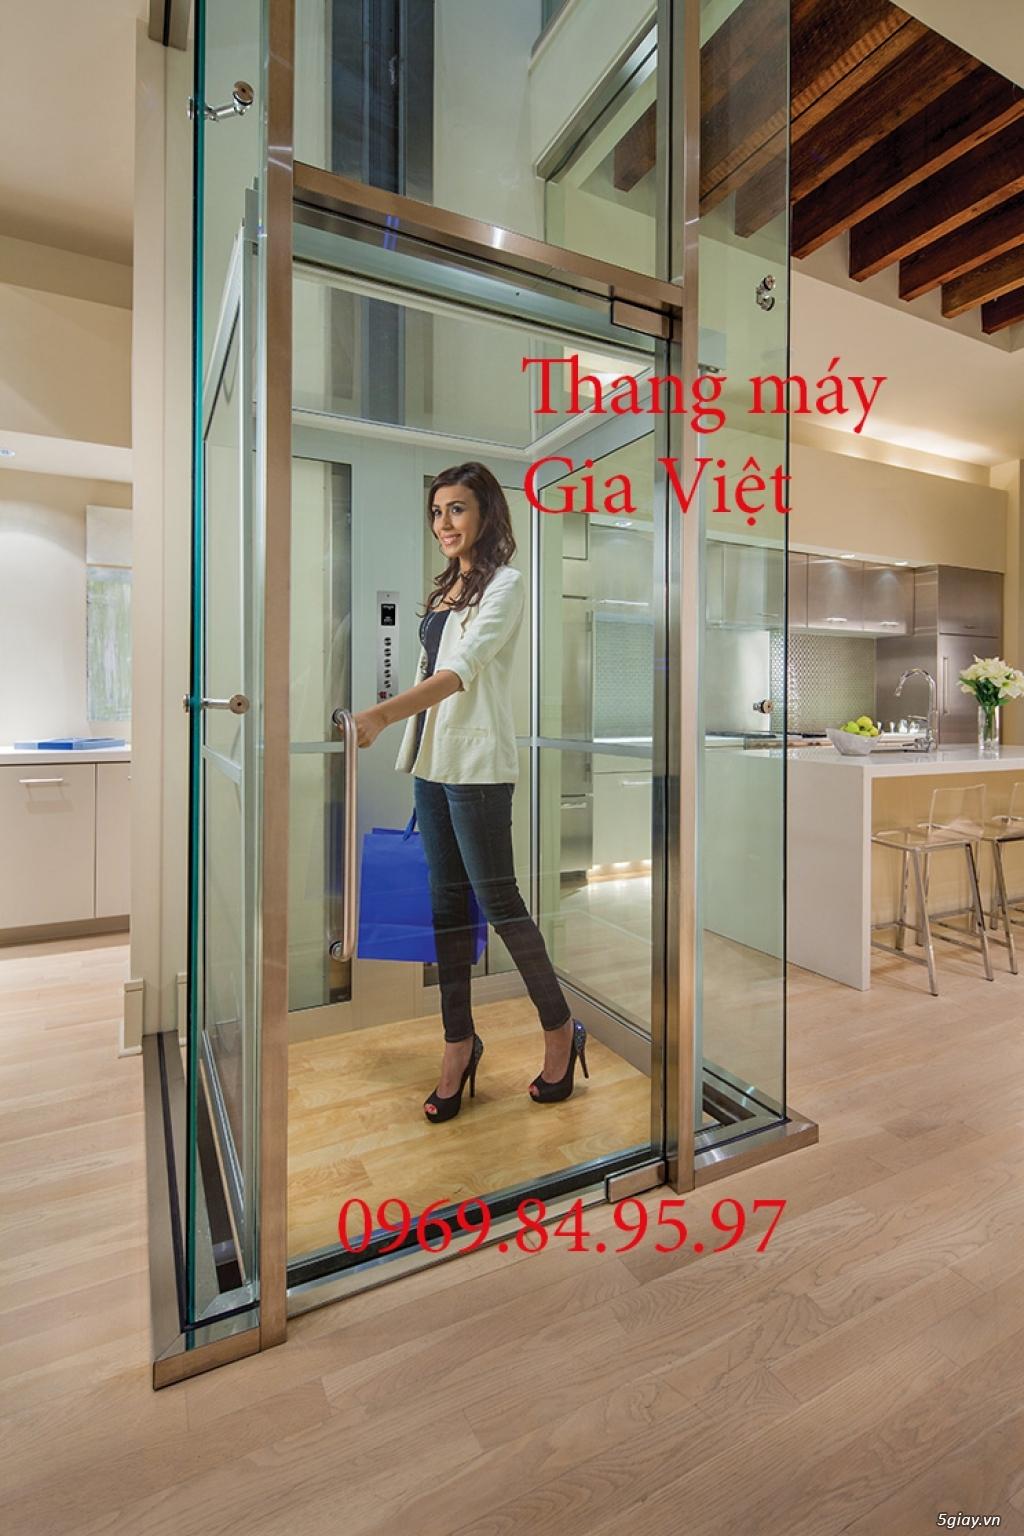 Cung cấp thang máy lồng kính tại Hà Nội và các tỉnh thành miền bắc. - 1